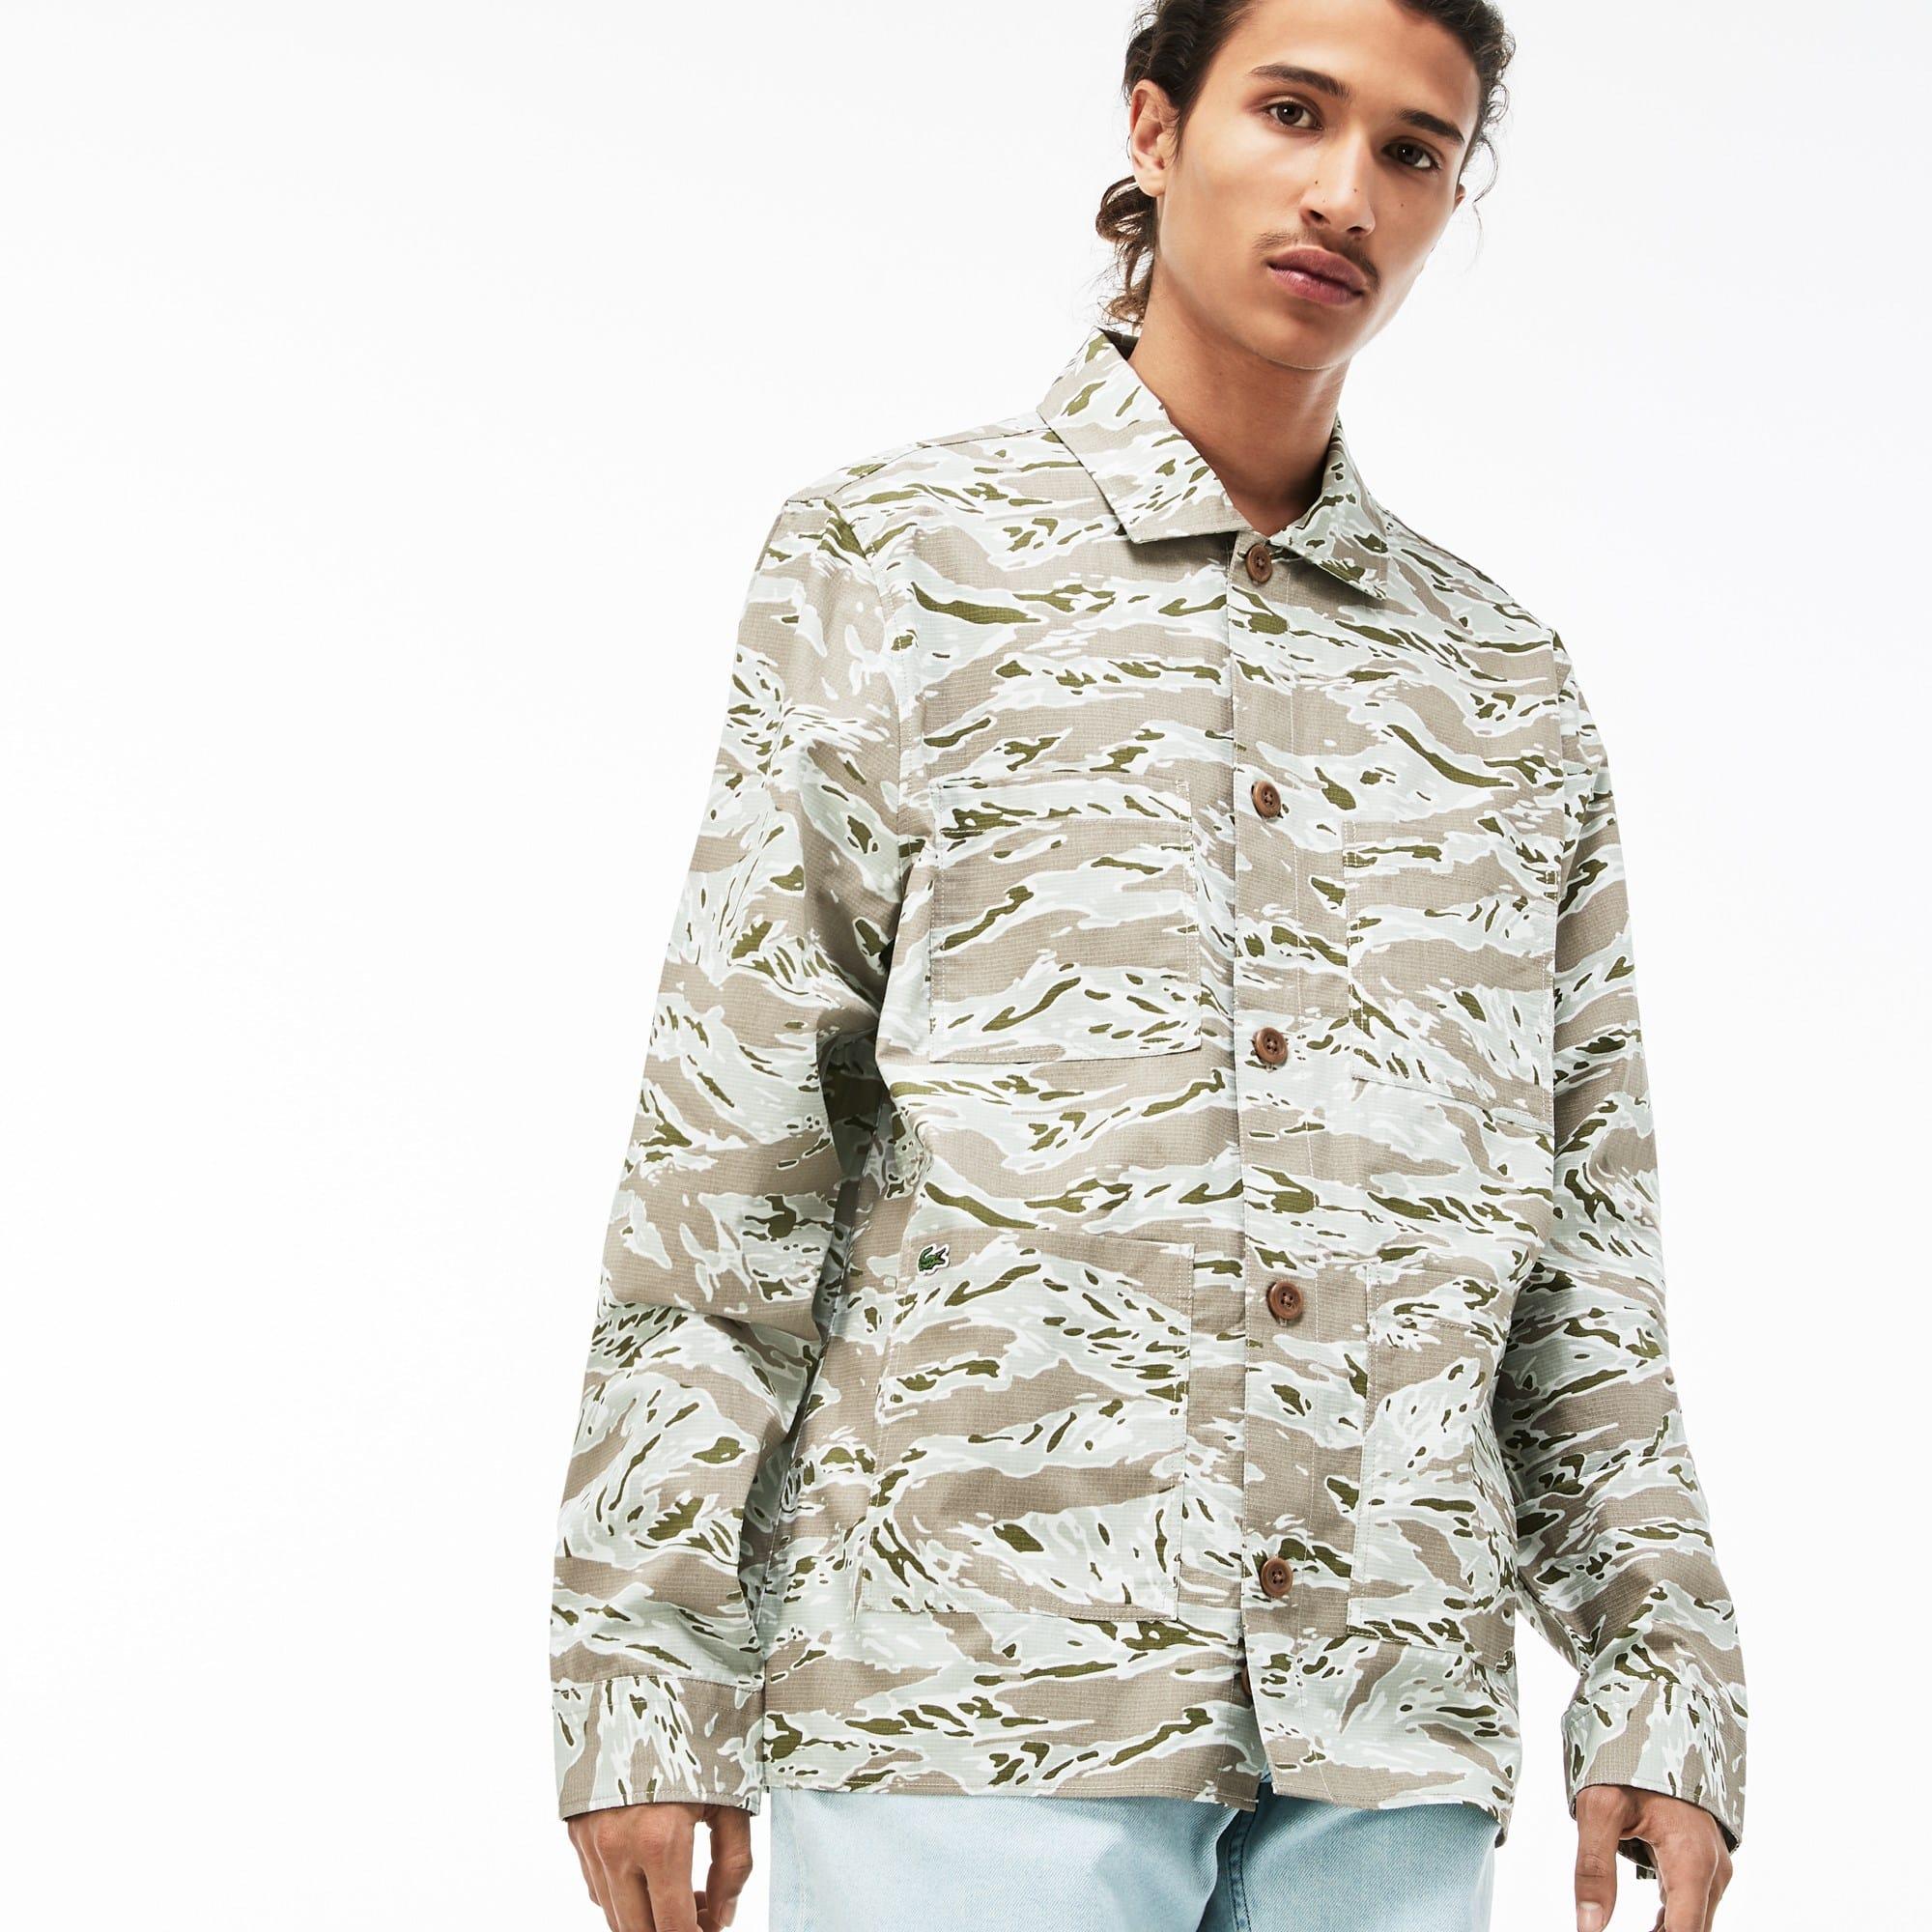 b71223039f Chemise Lacoste LIVE en coton imprimé camouflage   LACOSTE